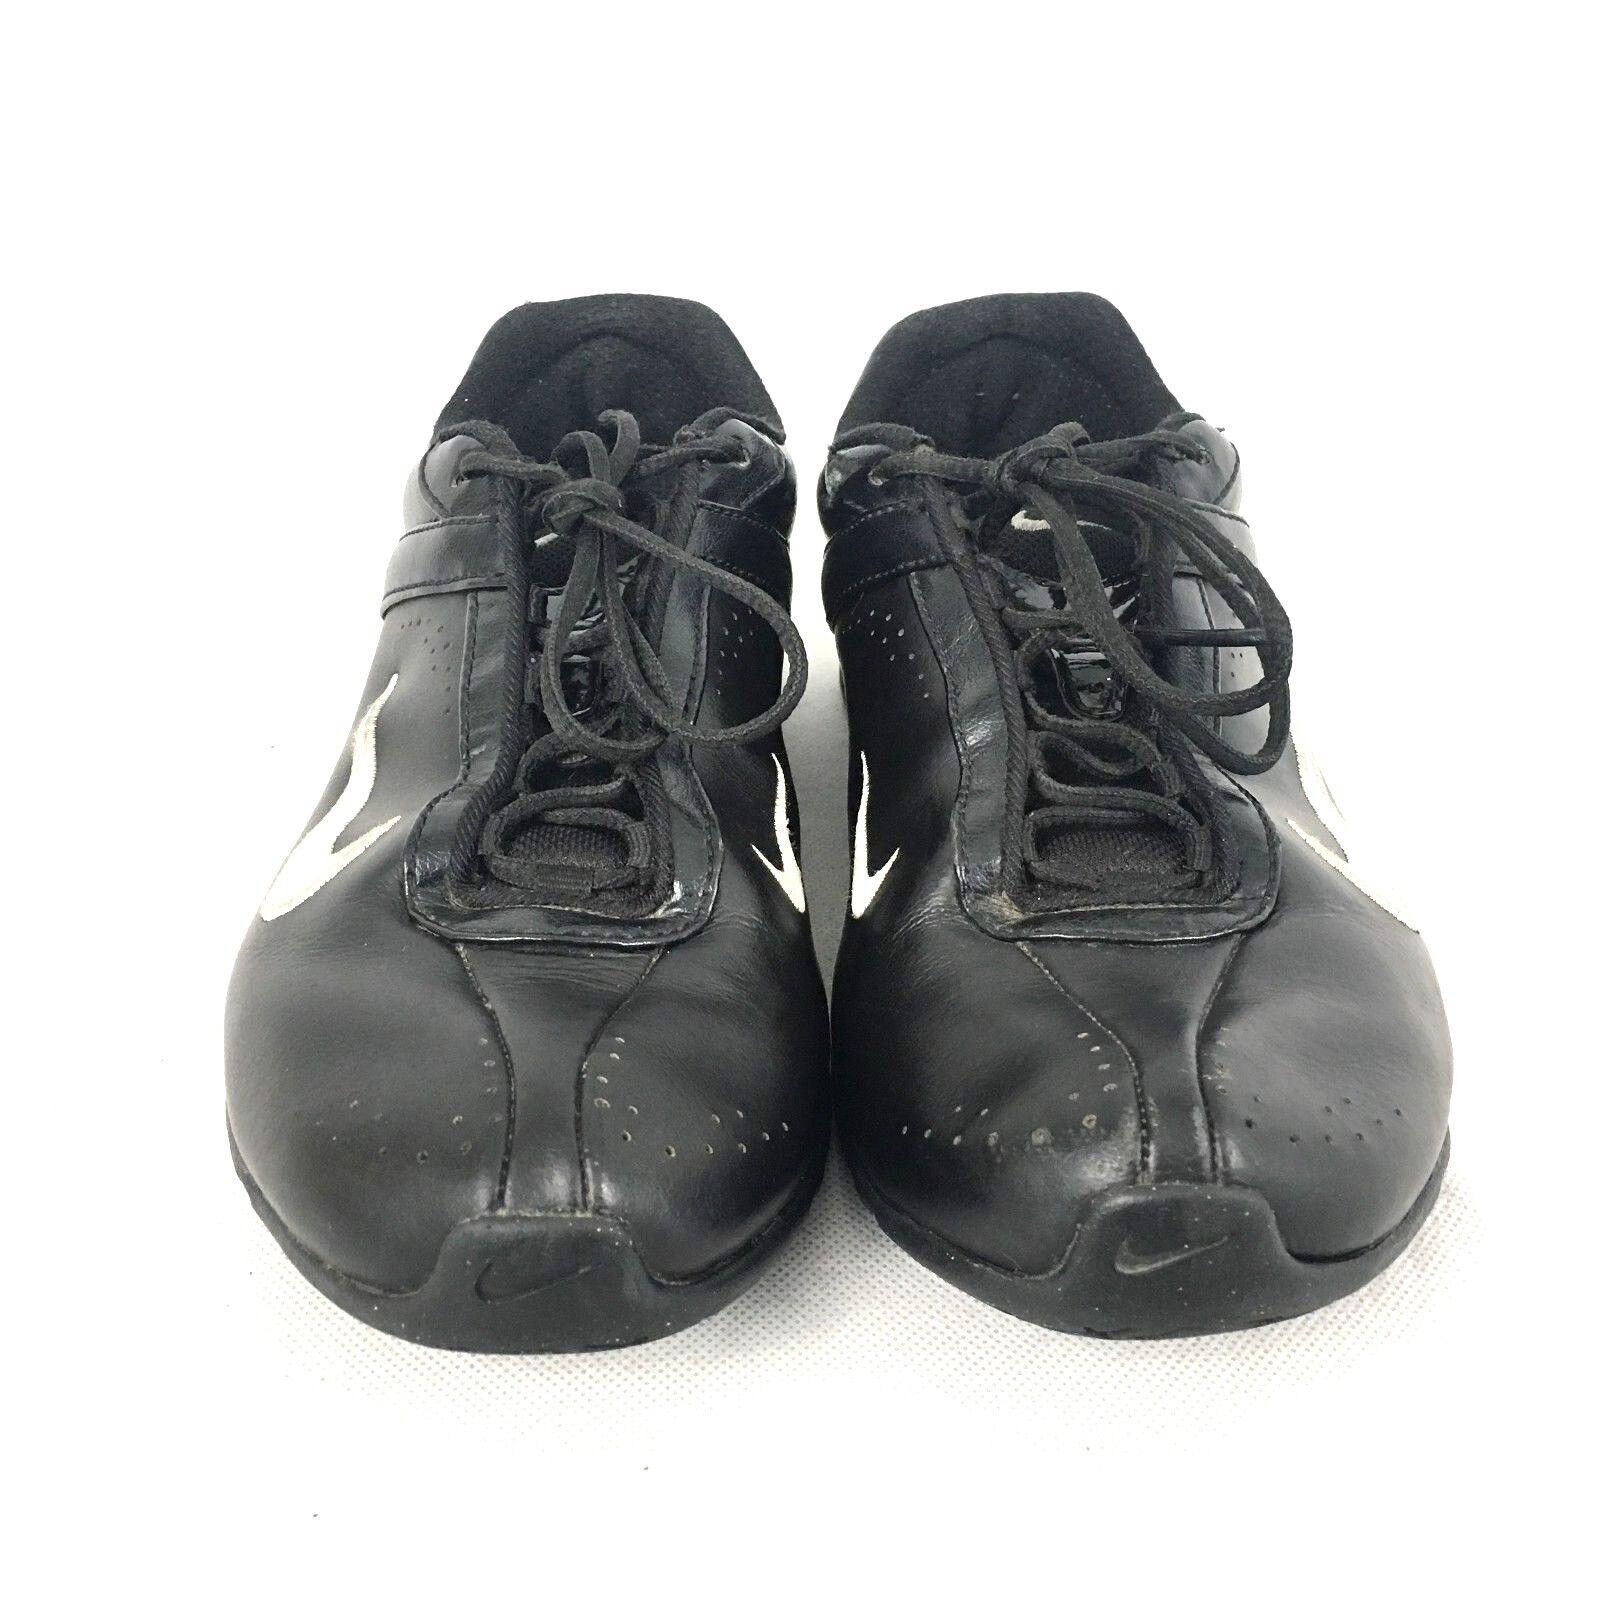 donna, nike air cardio iii lea scarpe scarpe scarpe scarpe taglia 7,5 408069 002   Eleganti    Prezzo Moderato    Conosciuto per la sua buona qualità    Maschio/Ragazze Scarpa    Uomo/Donne Scarpa    Uomo/Donne Scarpa  875322